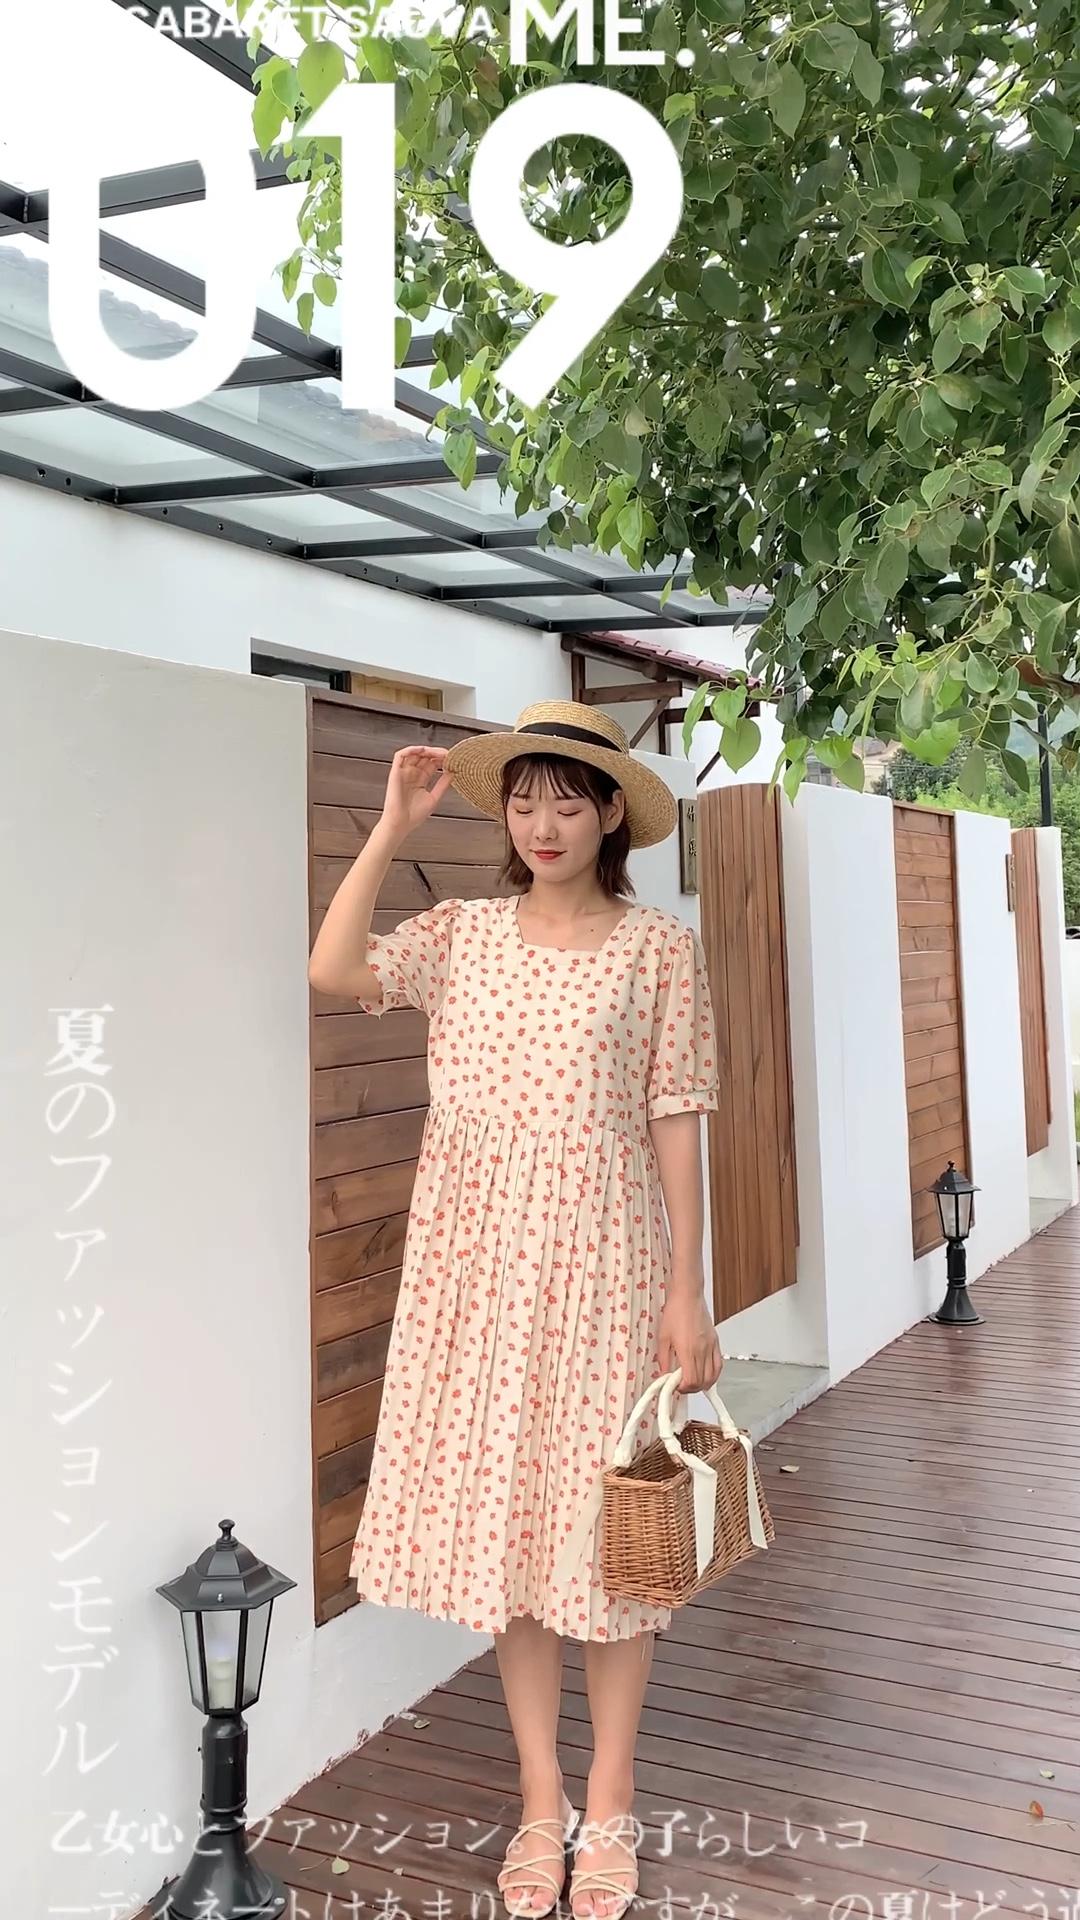 这是一条胖妹最爱的连衣裙~ 宽松版型  自然高收腰  长款裙摆  无一不是在为遮肉做功课    方领复古别致   展现锁骨 红色的小花也会让整体更加的明亮显白 #懒癌女孩一键式穿搭#